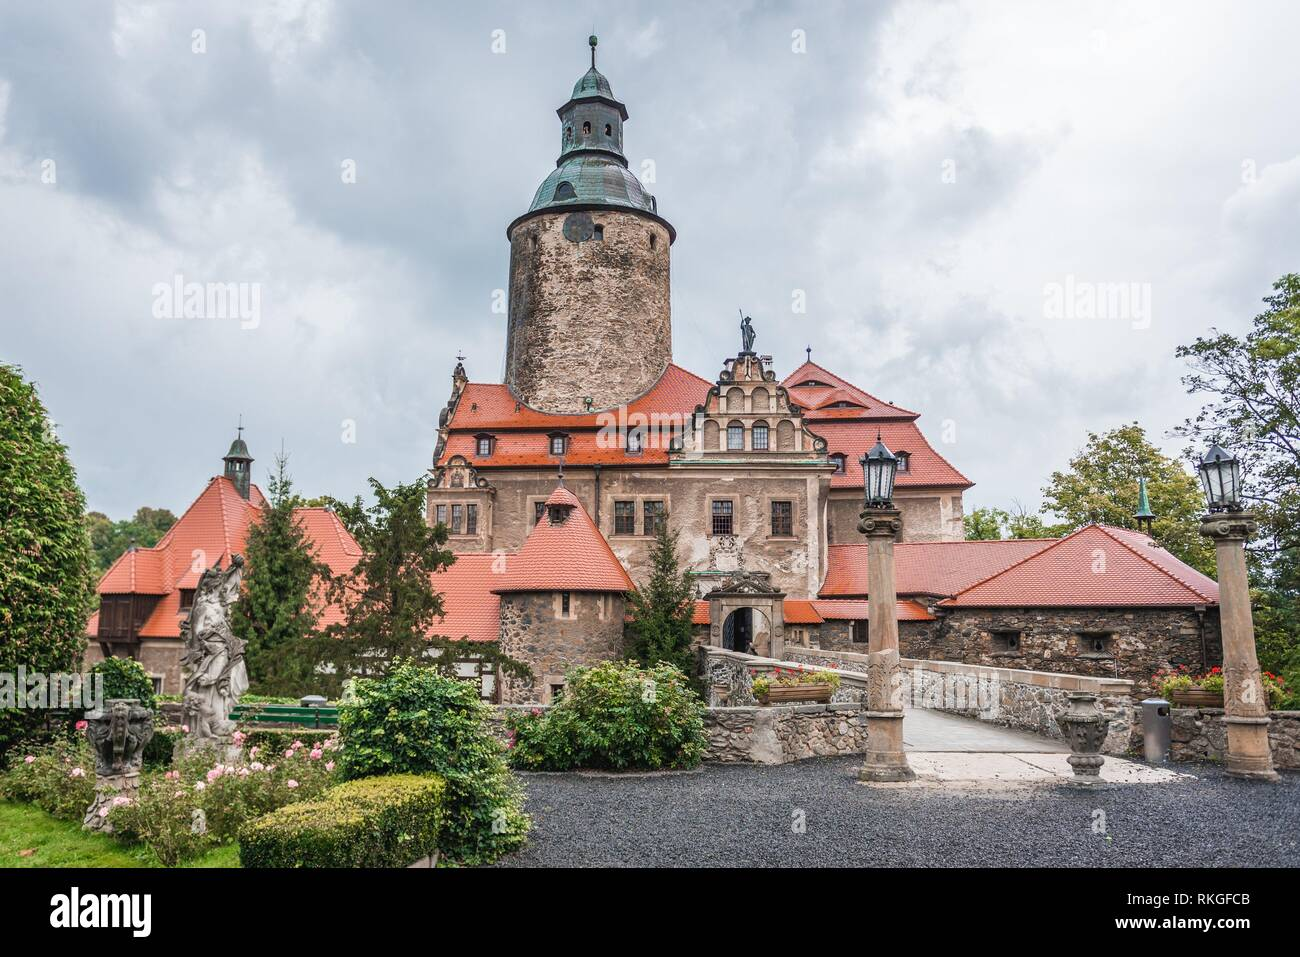 Voivodato Della Slesia Polonia czocha difensivo il castello di sucha village, bassa slesia